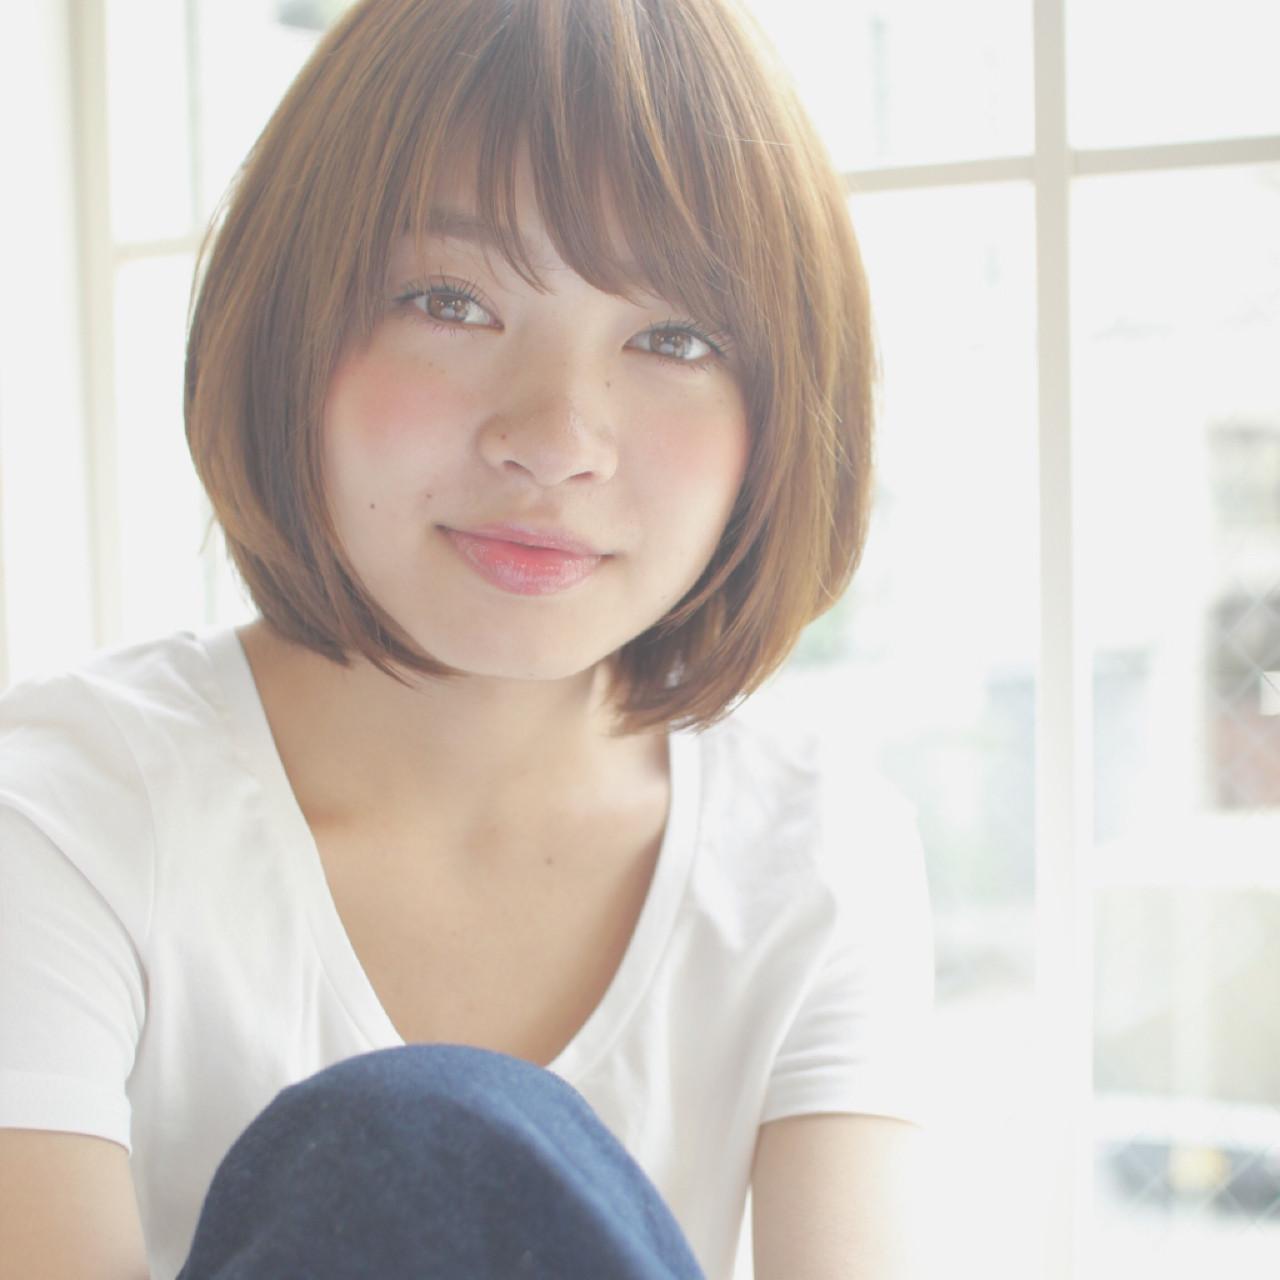 アッシュ こなれ感 大人女子 ニュアンス ヘアスタイルや髪型の写真・画像 | 宮崎えりな KAYAK by HONEY / KAYAK by HONEY